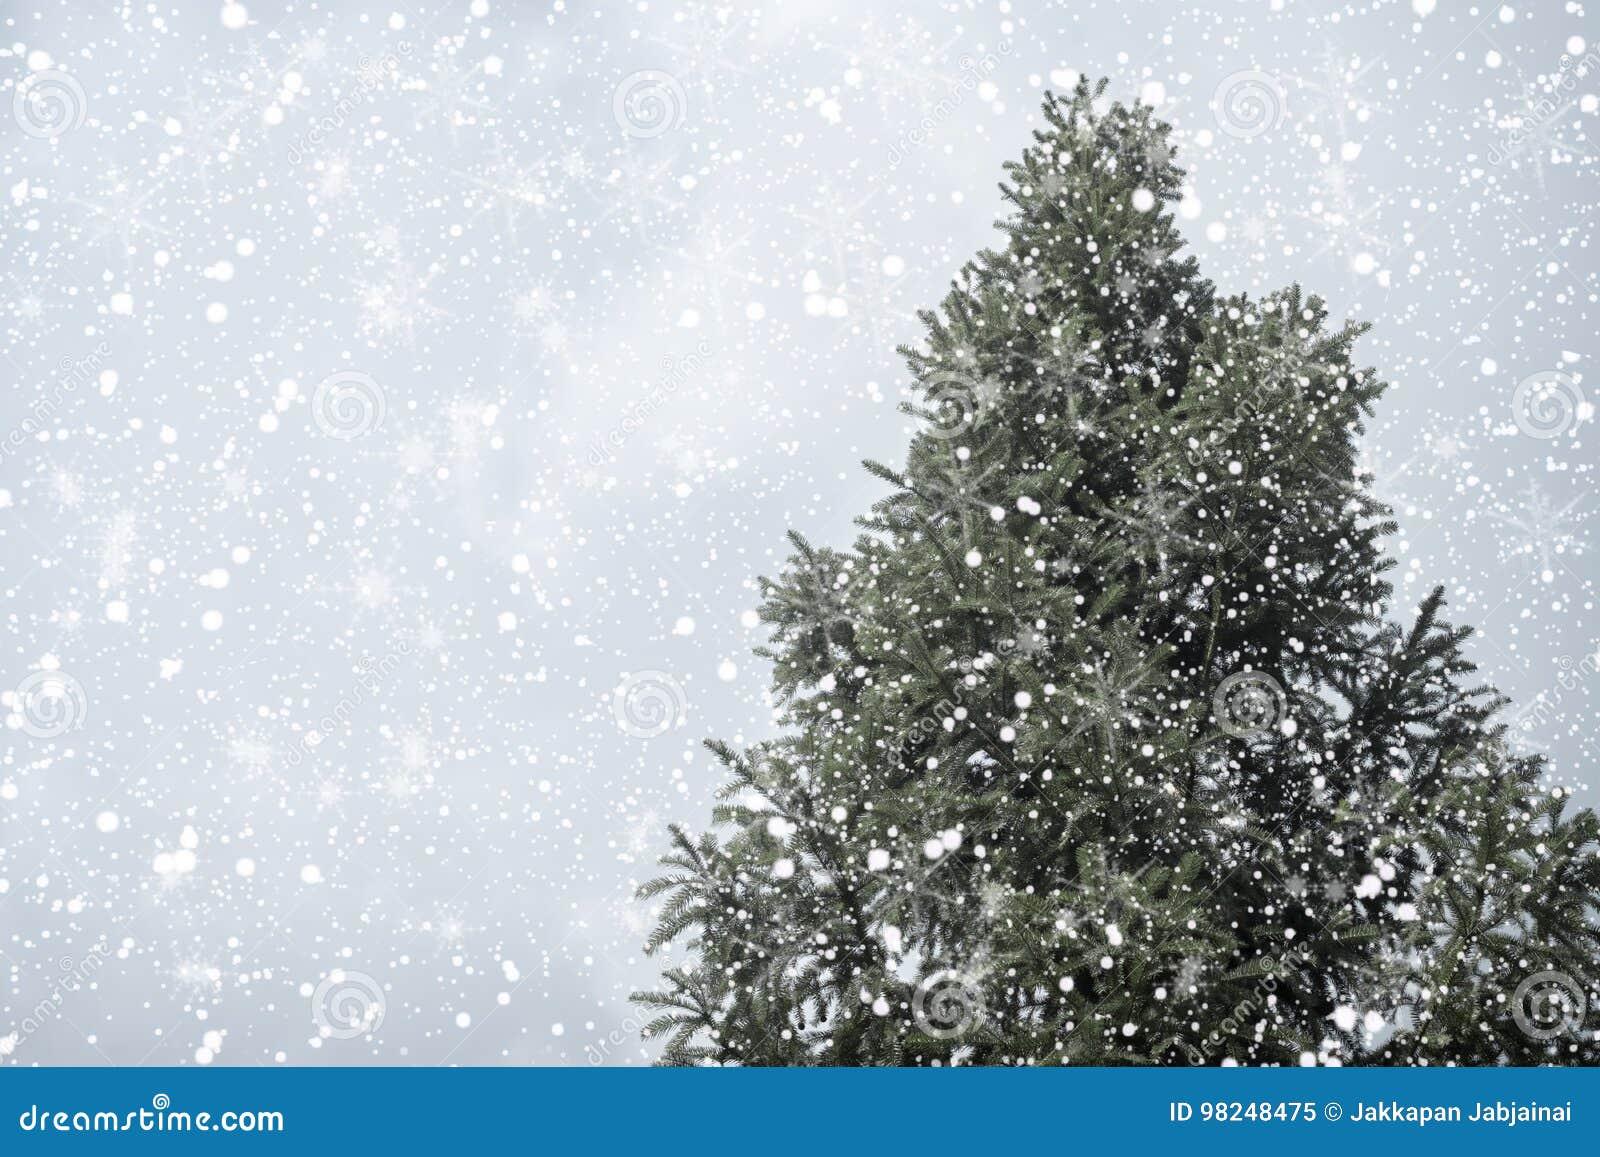 Albero Di Natale Pino O Abete.Pino O Abete Dell Albero Di Natale Con Le Precipitazioni Nevose Sul Fondo Del Cielo Nell Inverno Immagine Stock Immagine Di Parco Luci 98248475